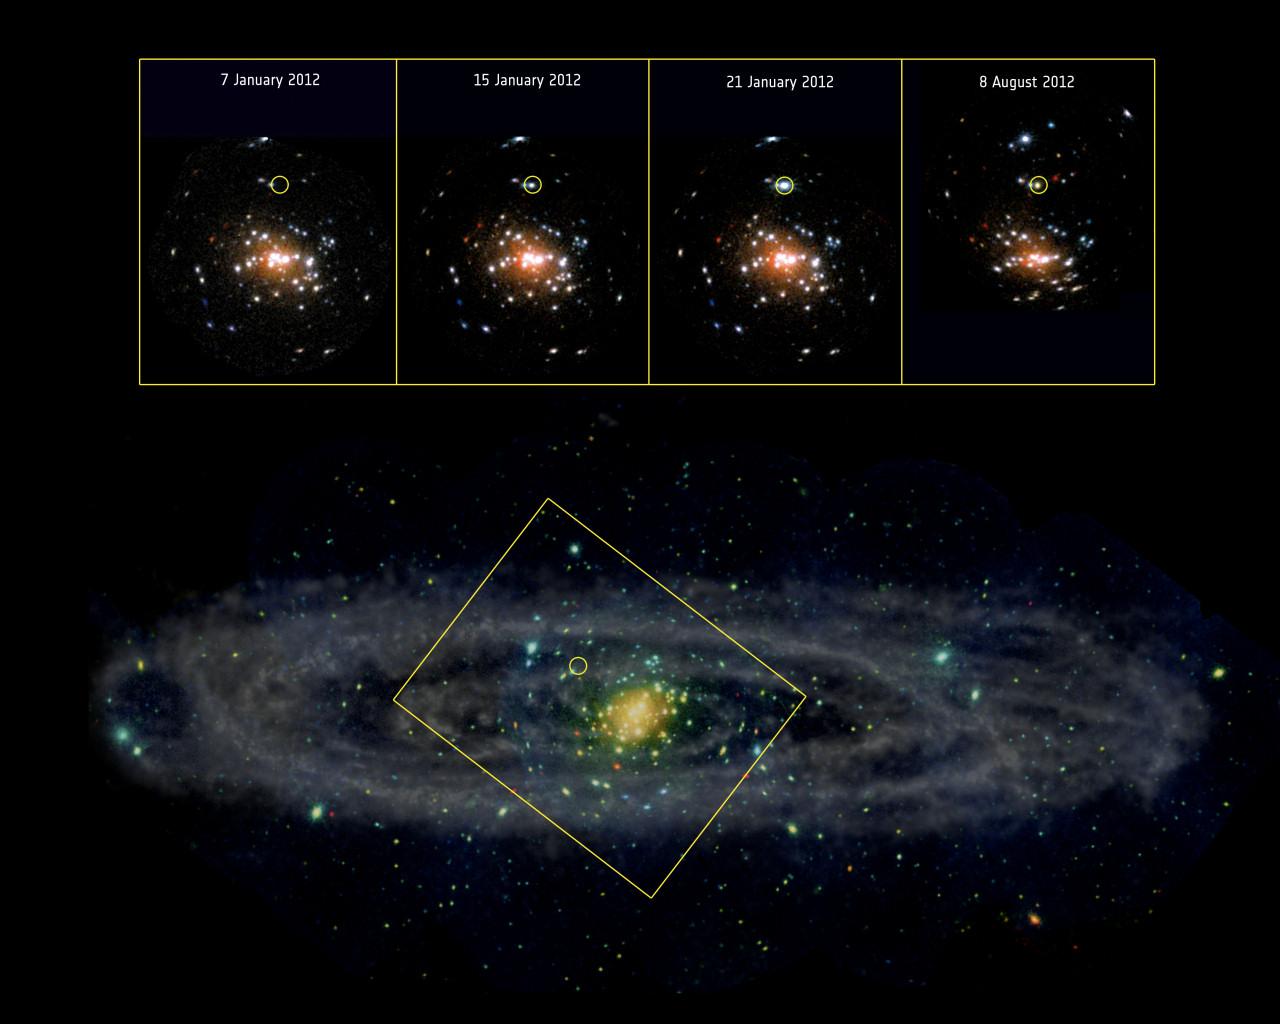 1567217030105-M31_XMM-Newton_New_Source_2012_wallpaper.jpg